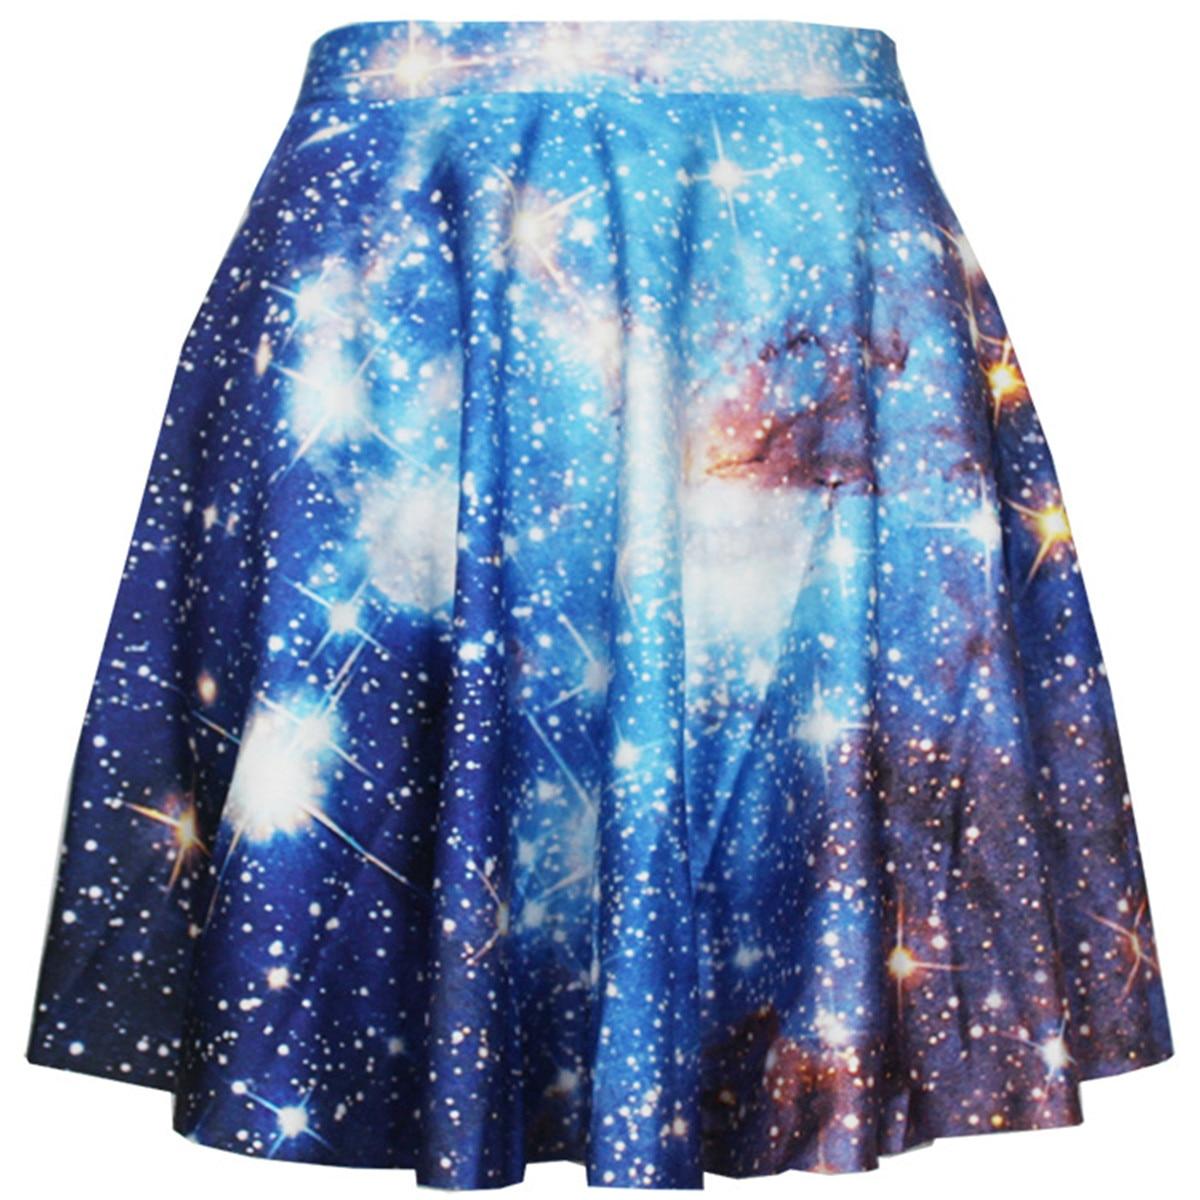 Купить юбку как у тату